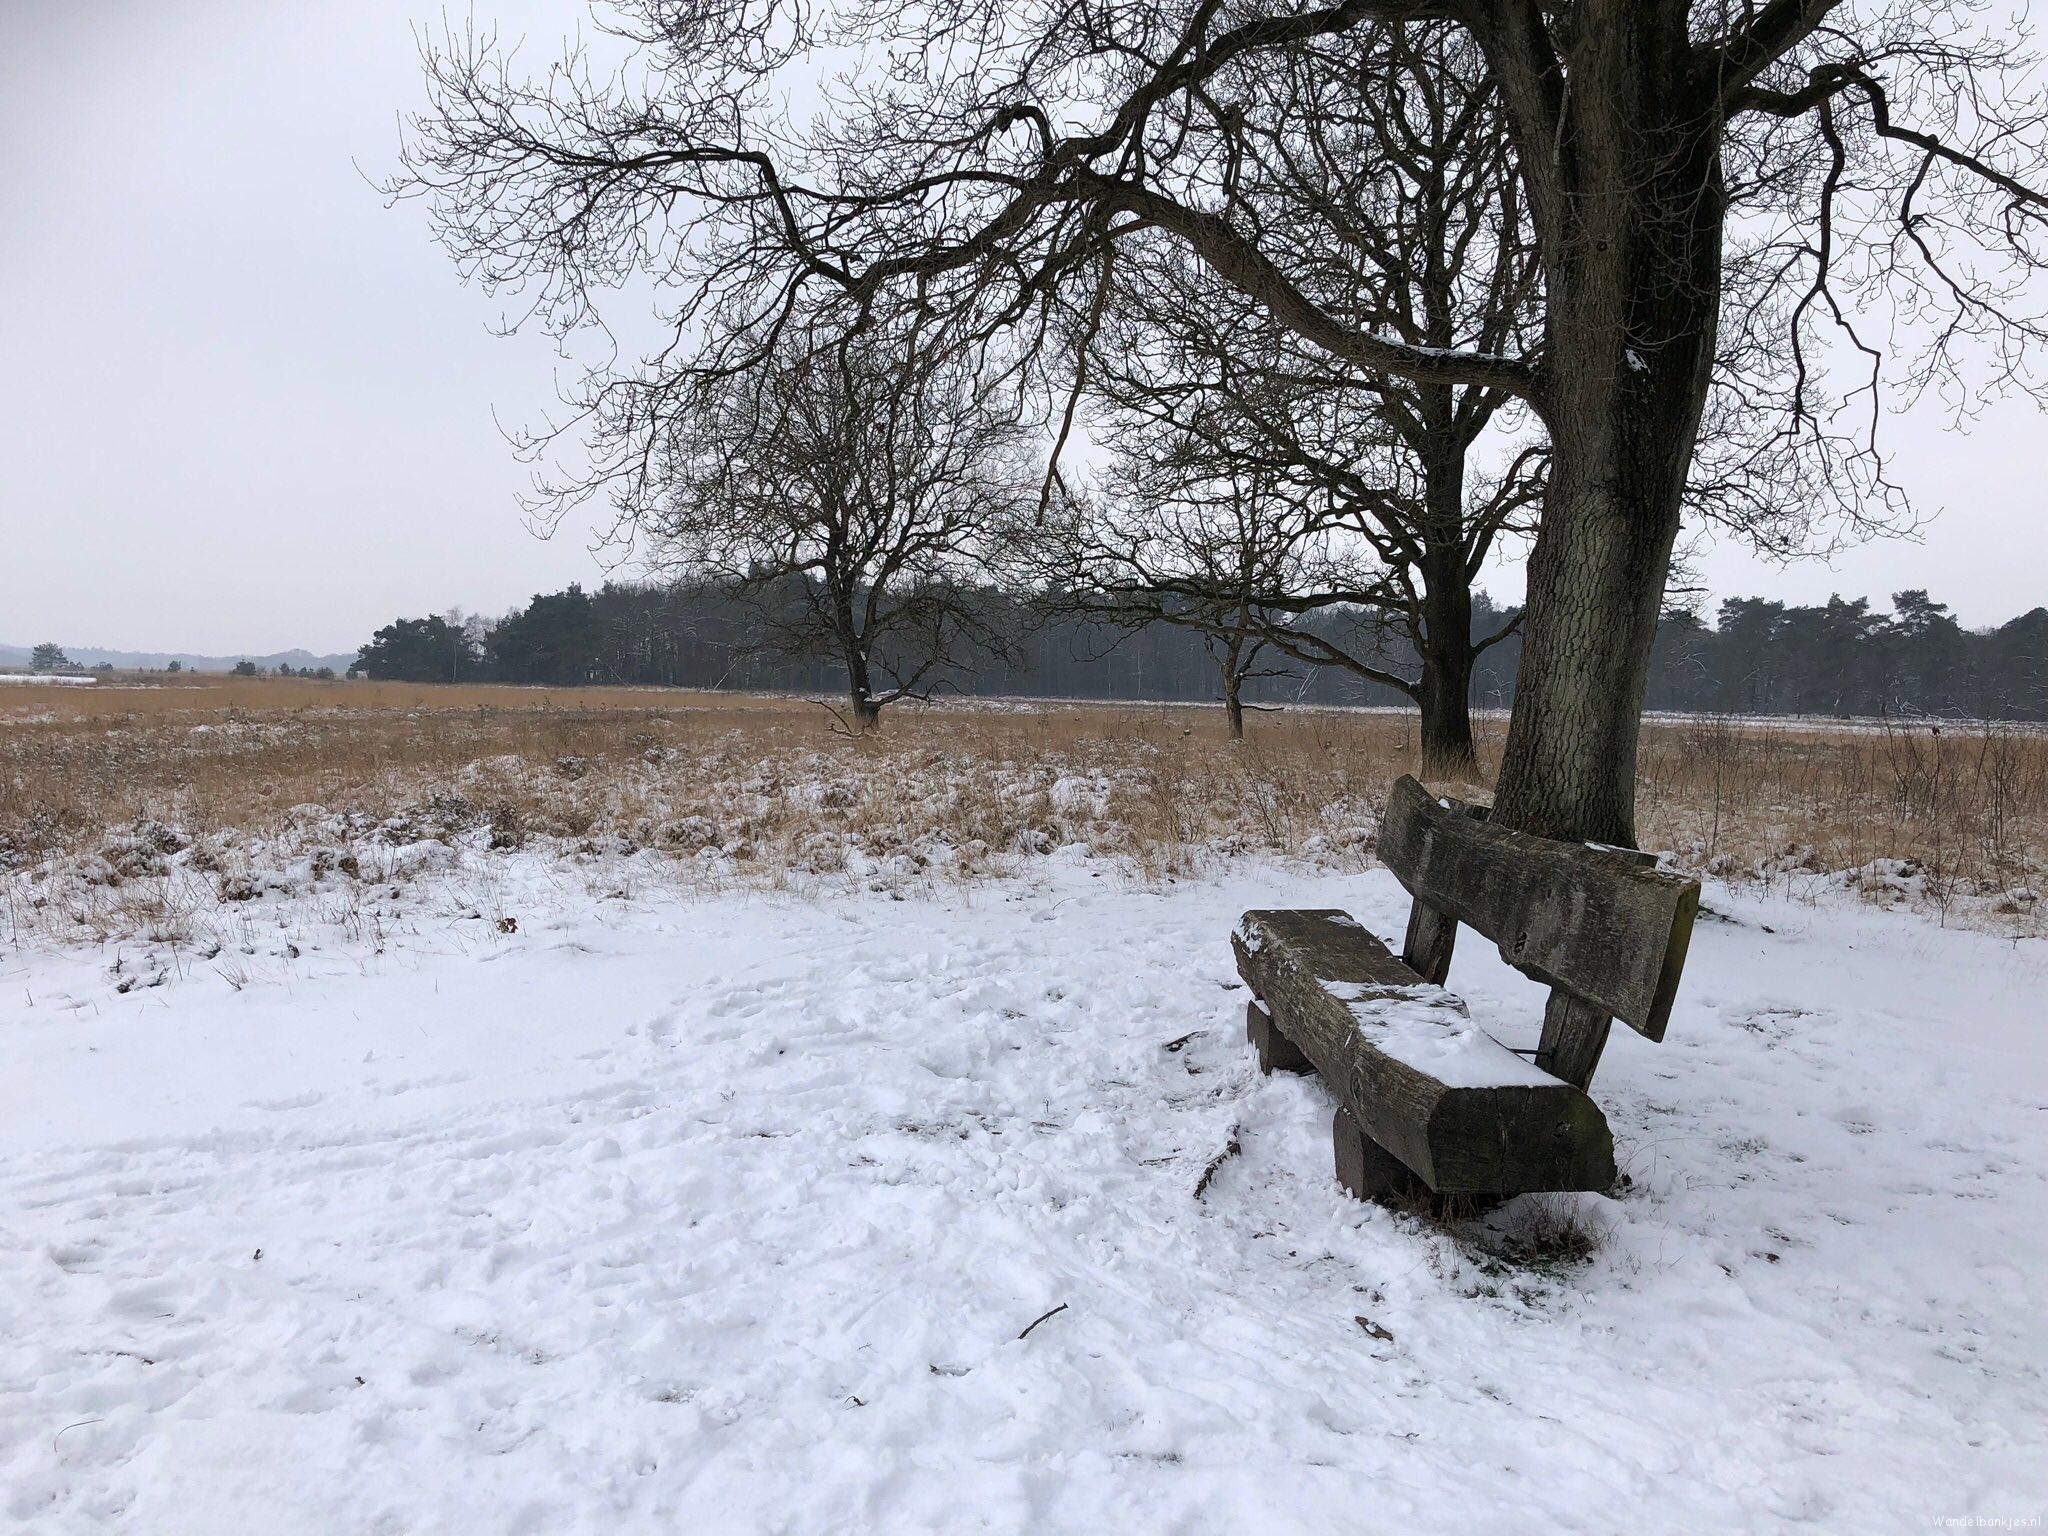 rt-gertientje-op-een-prachtige-plek-op-het-dwingelderveld-staat-dit-mooie-wandelbankje-walkersbenches-wandelbankjes-https-t-co-xylxa